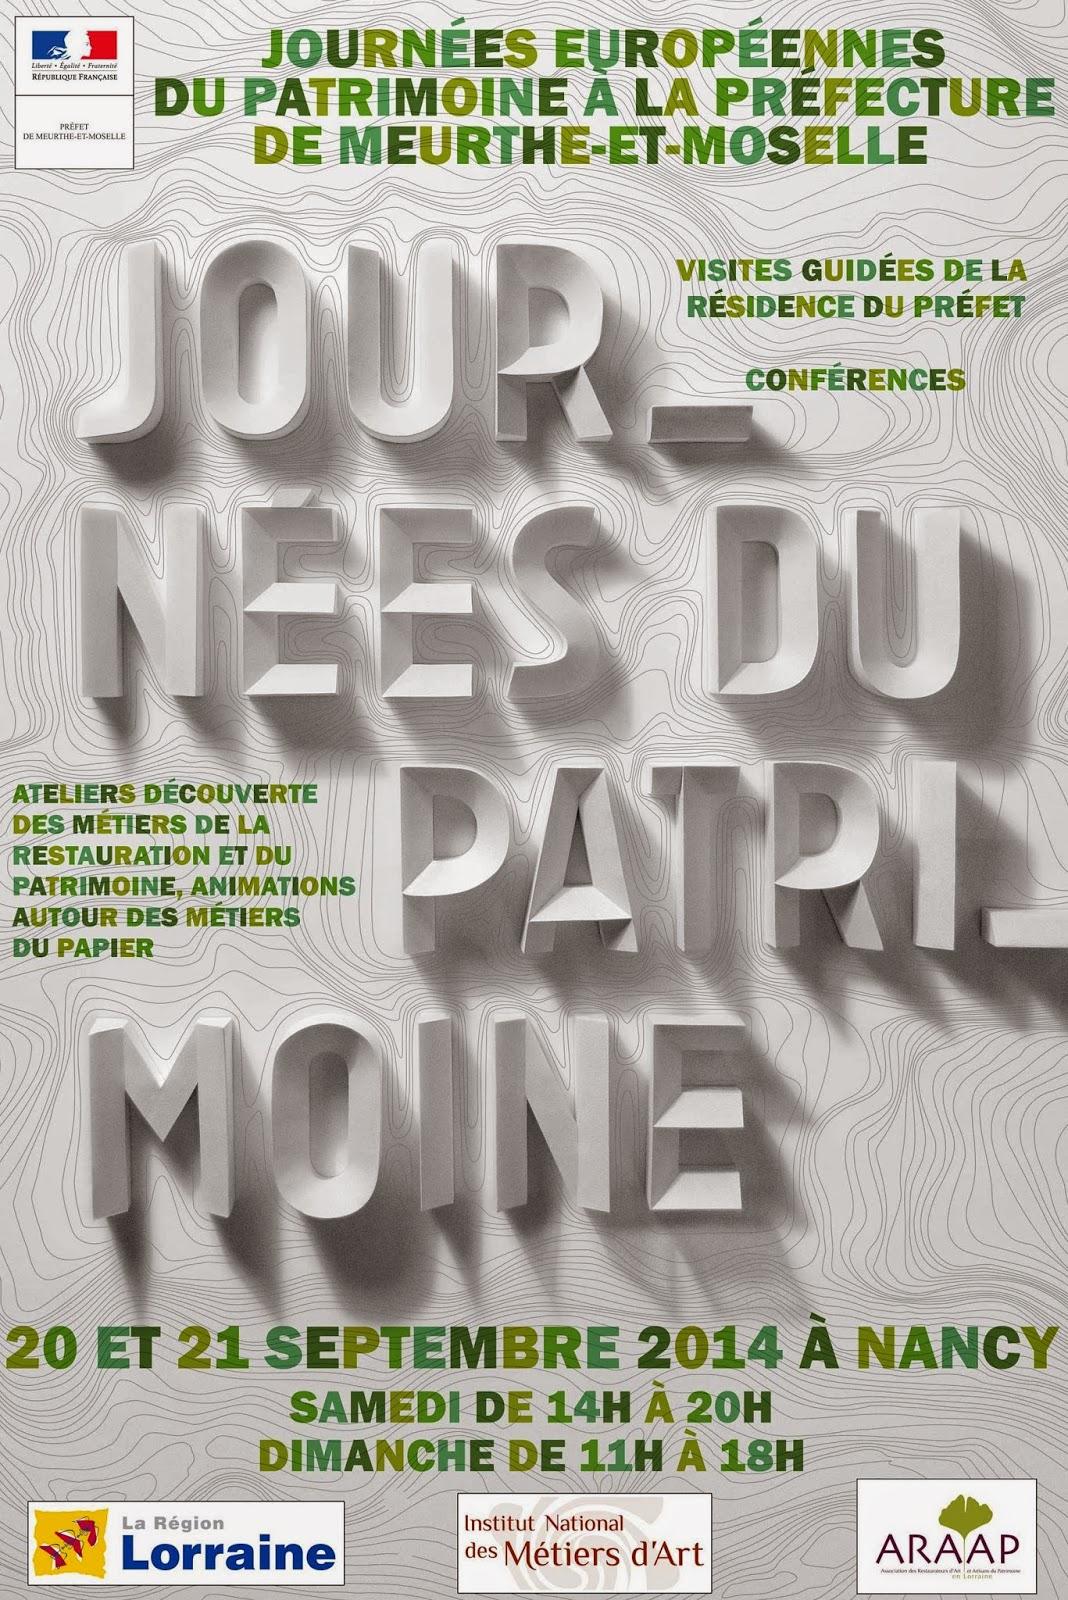 http://www.metiersdart-lorraine.eu/index.php/journes-europennes-du-patrimoine-dmonstration-mtiers-ateliers-participatifs-dcouverte-des-mtiers-du-patrimoine-du-verre-et-du-papier-confrence/20-09-2014/actualite/1571/